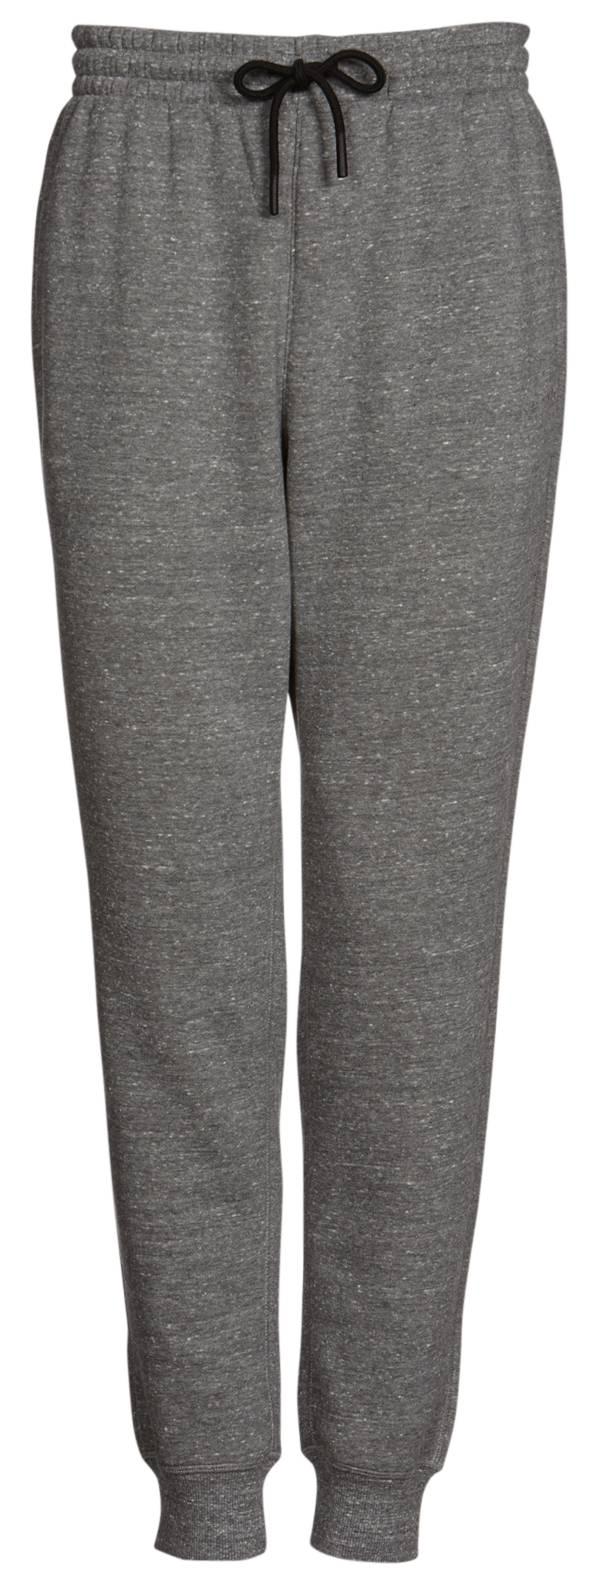 DSG Men's Cotton Fleece Joggers product image